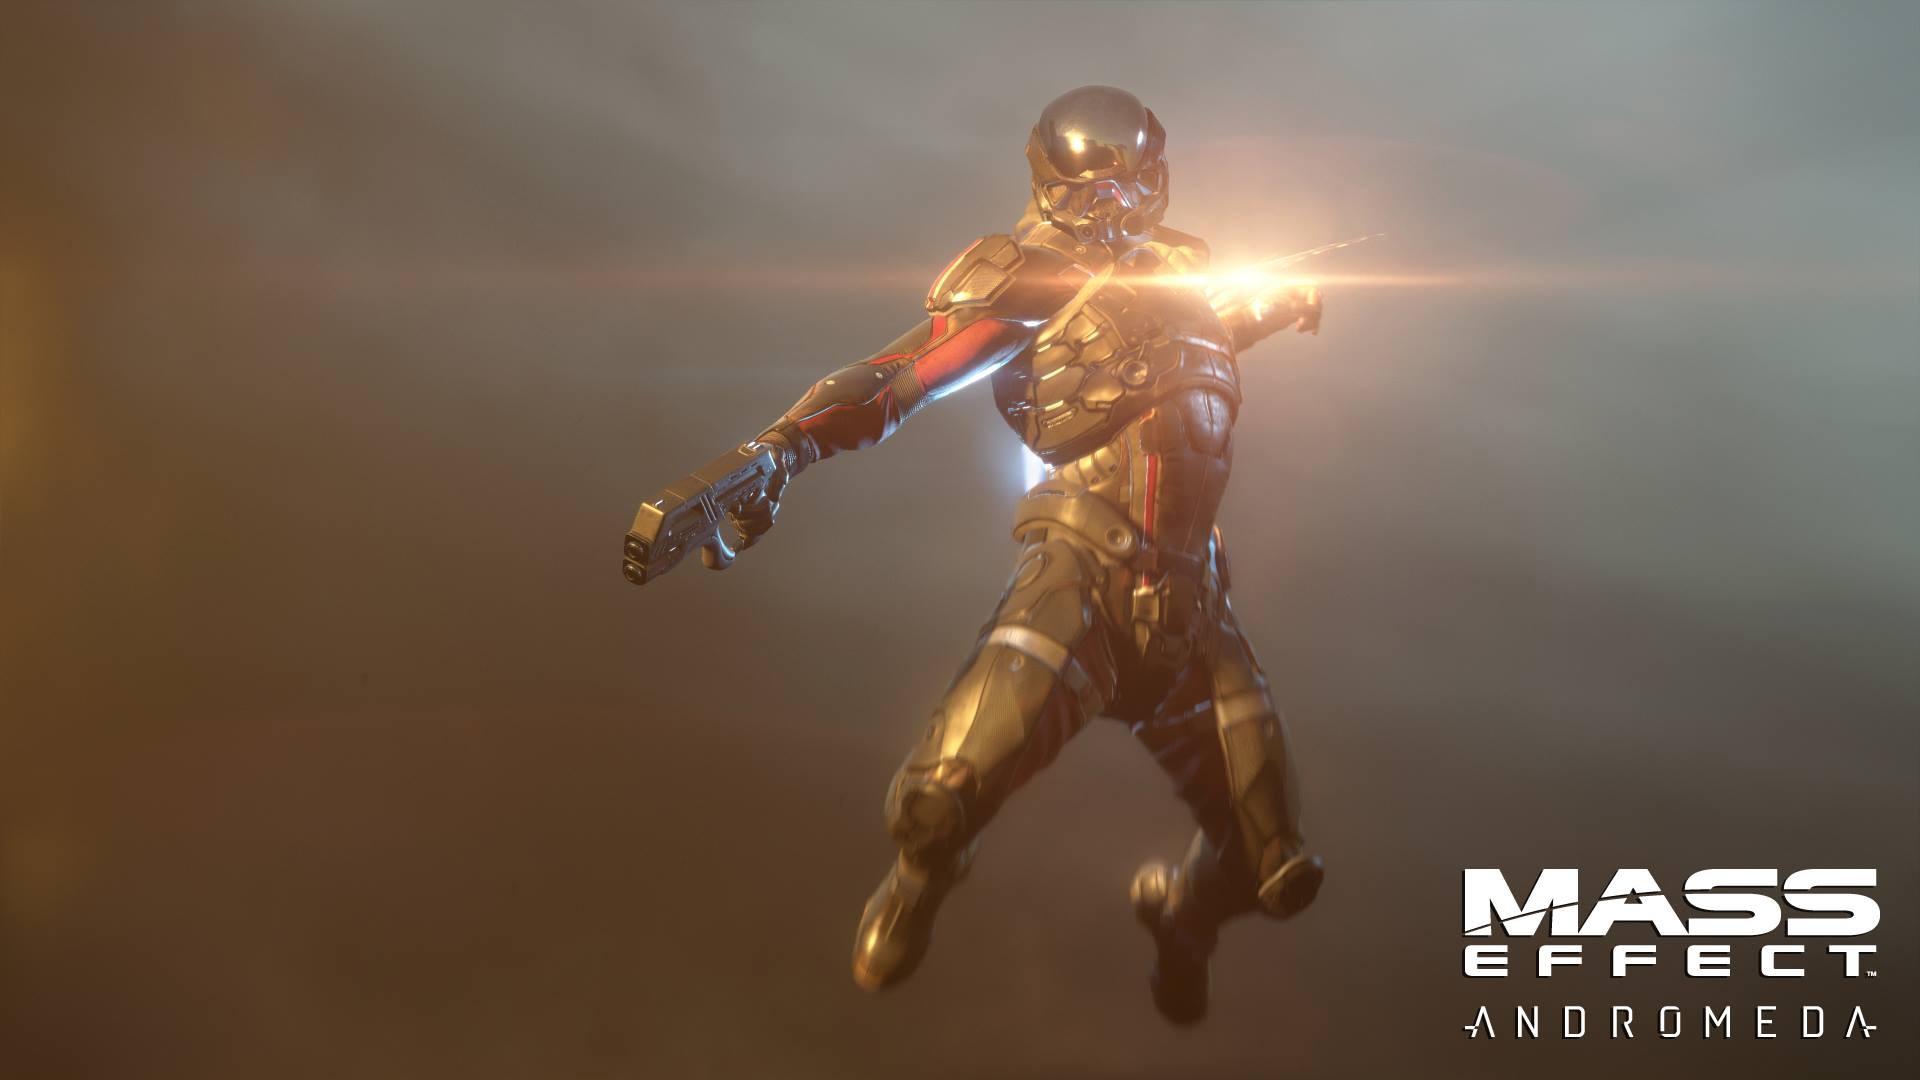 Wallpaper 1920x1080 Px Mass Effect Mass Effect 4 Mass Effect